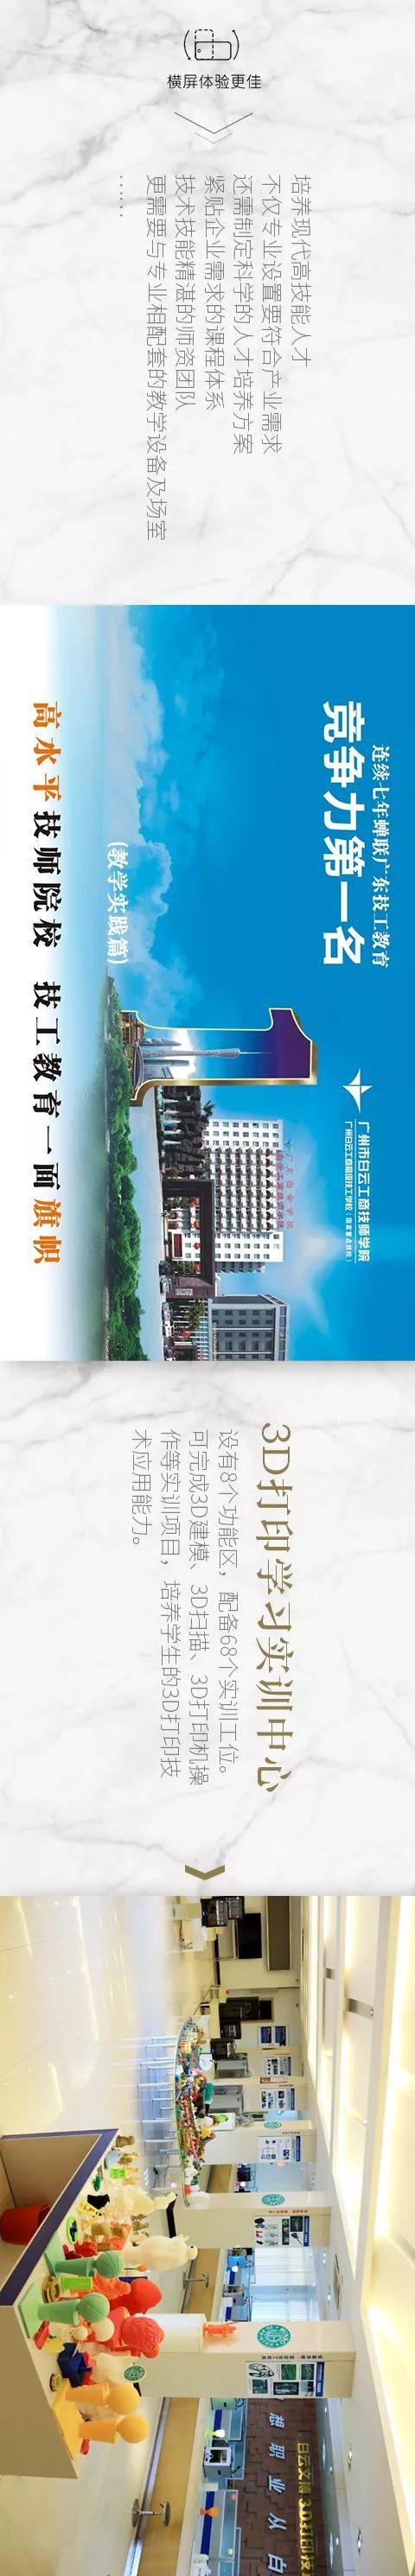 广州白云工商技师学院实训场室图片